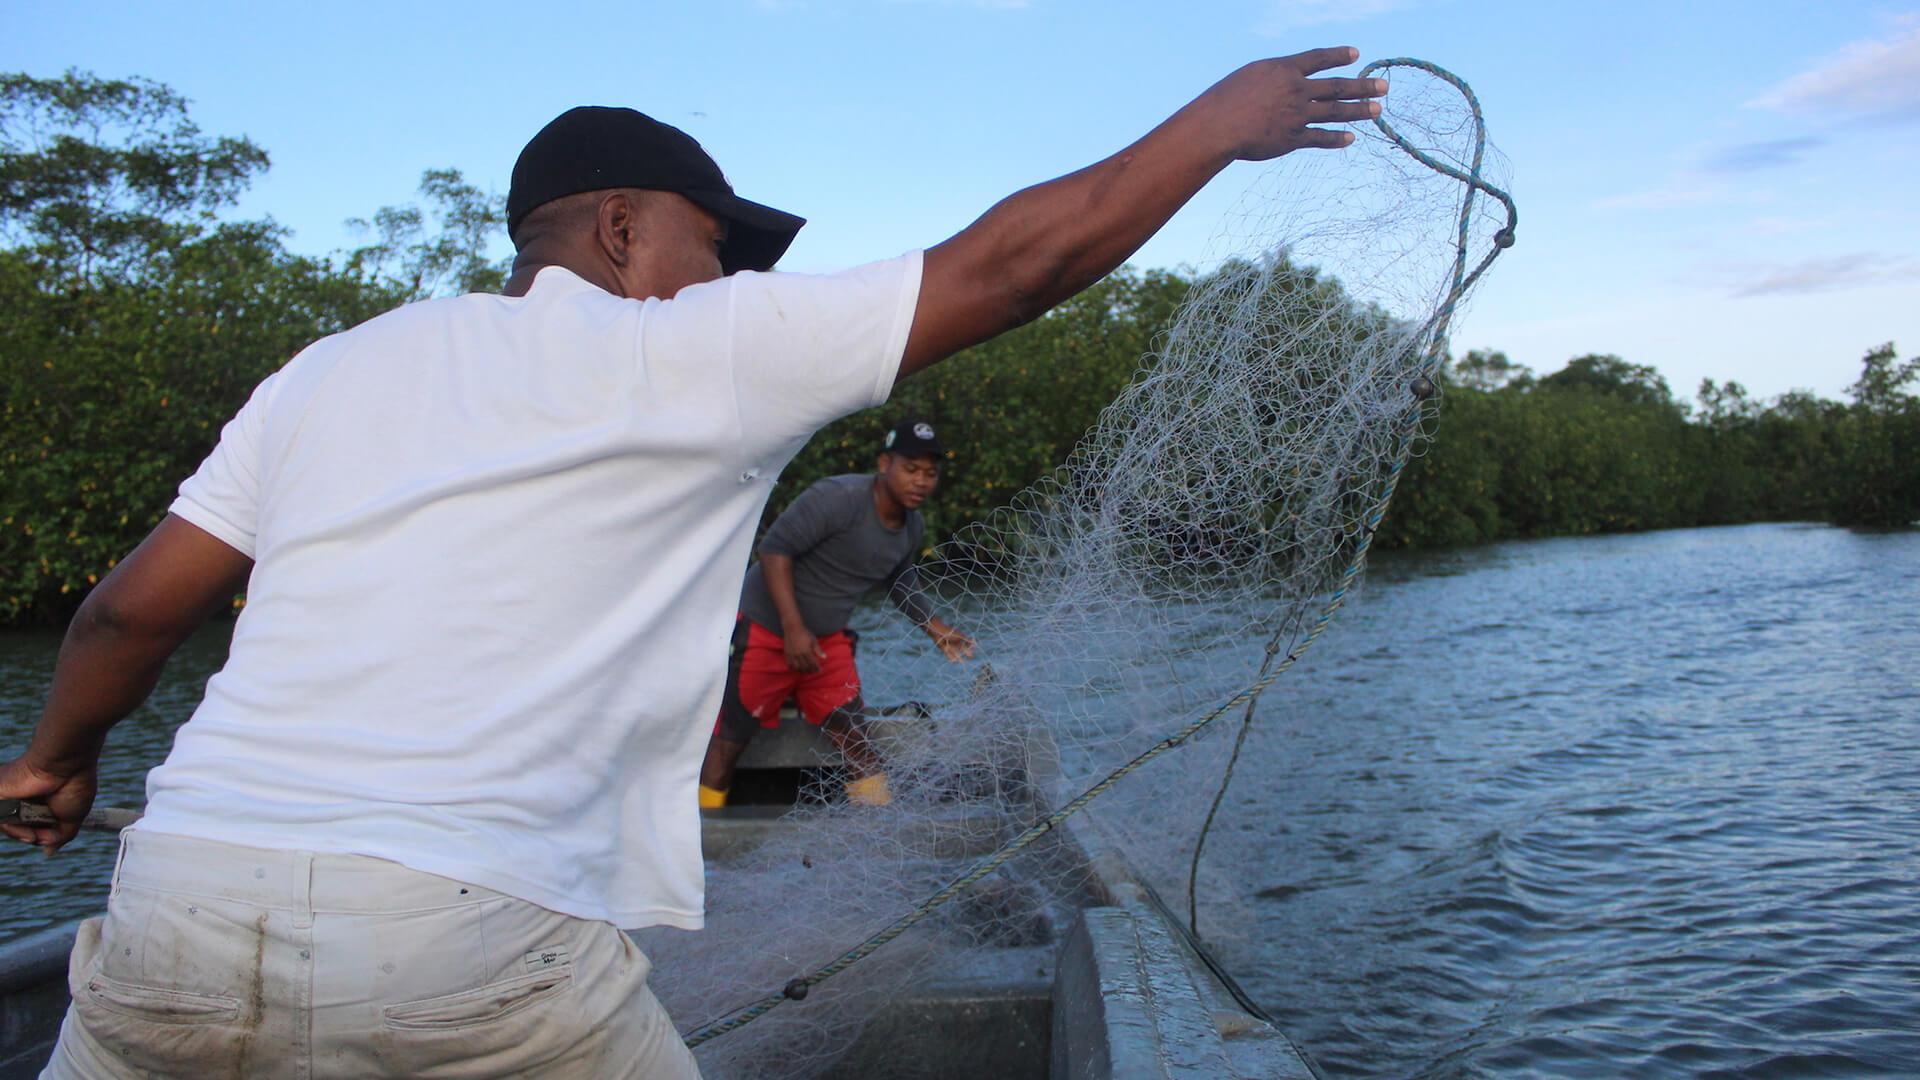 Pescar mucho y ganar poco: el círculo vicioso de la pobreza en el Pacífico colombiano